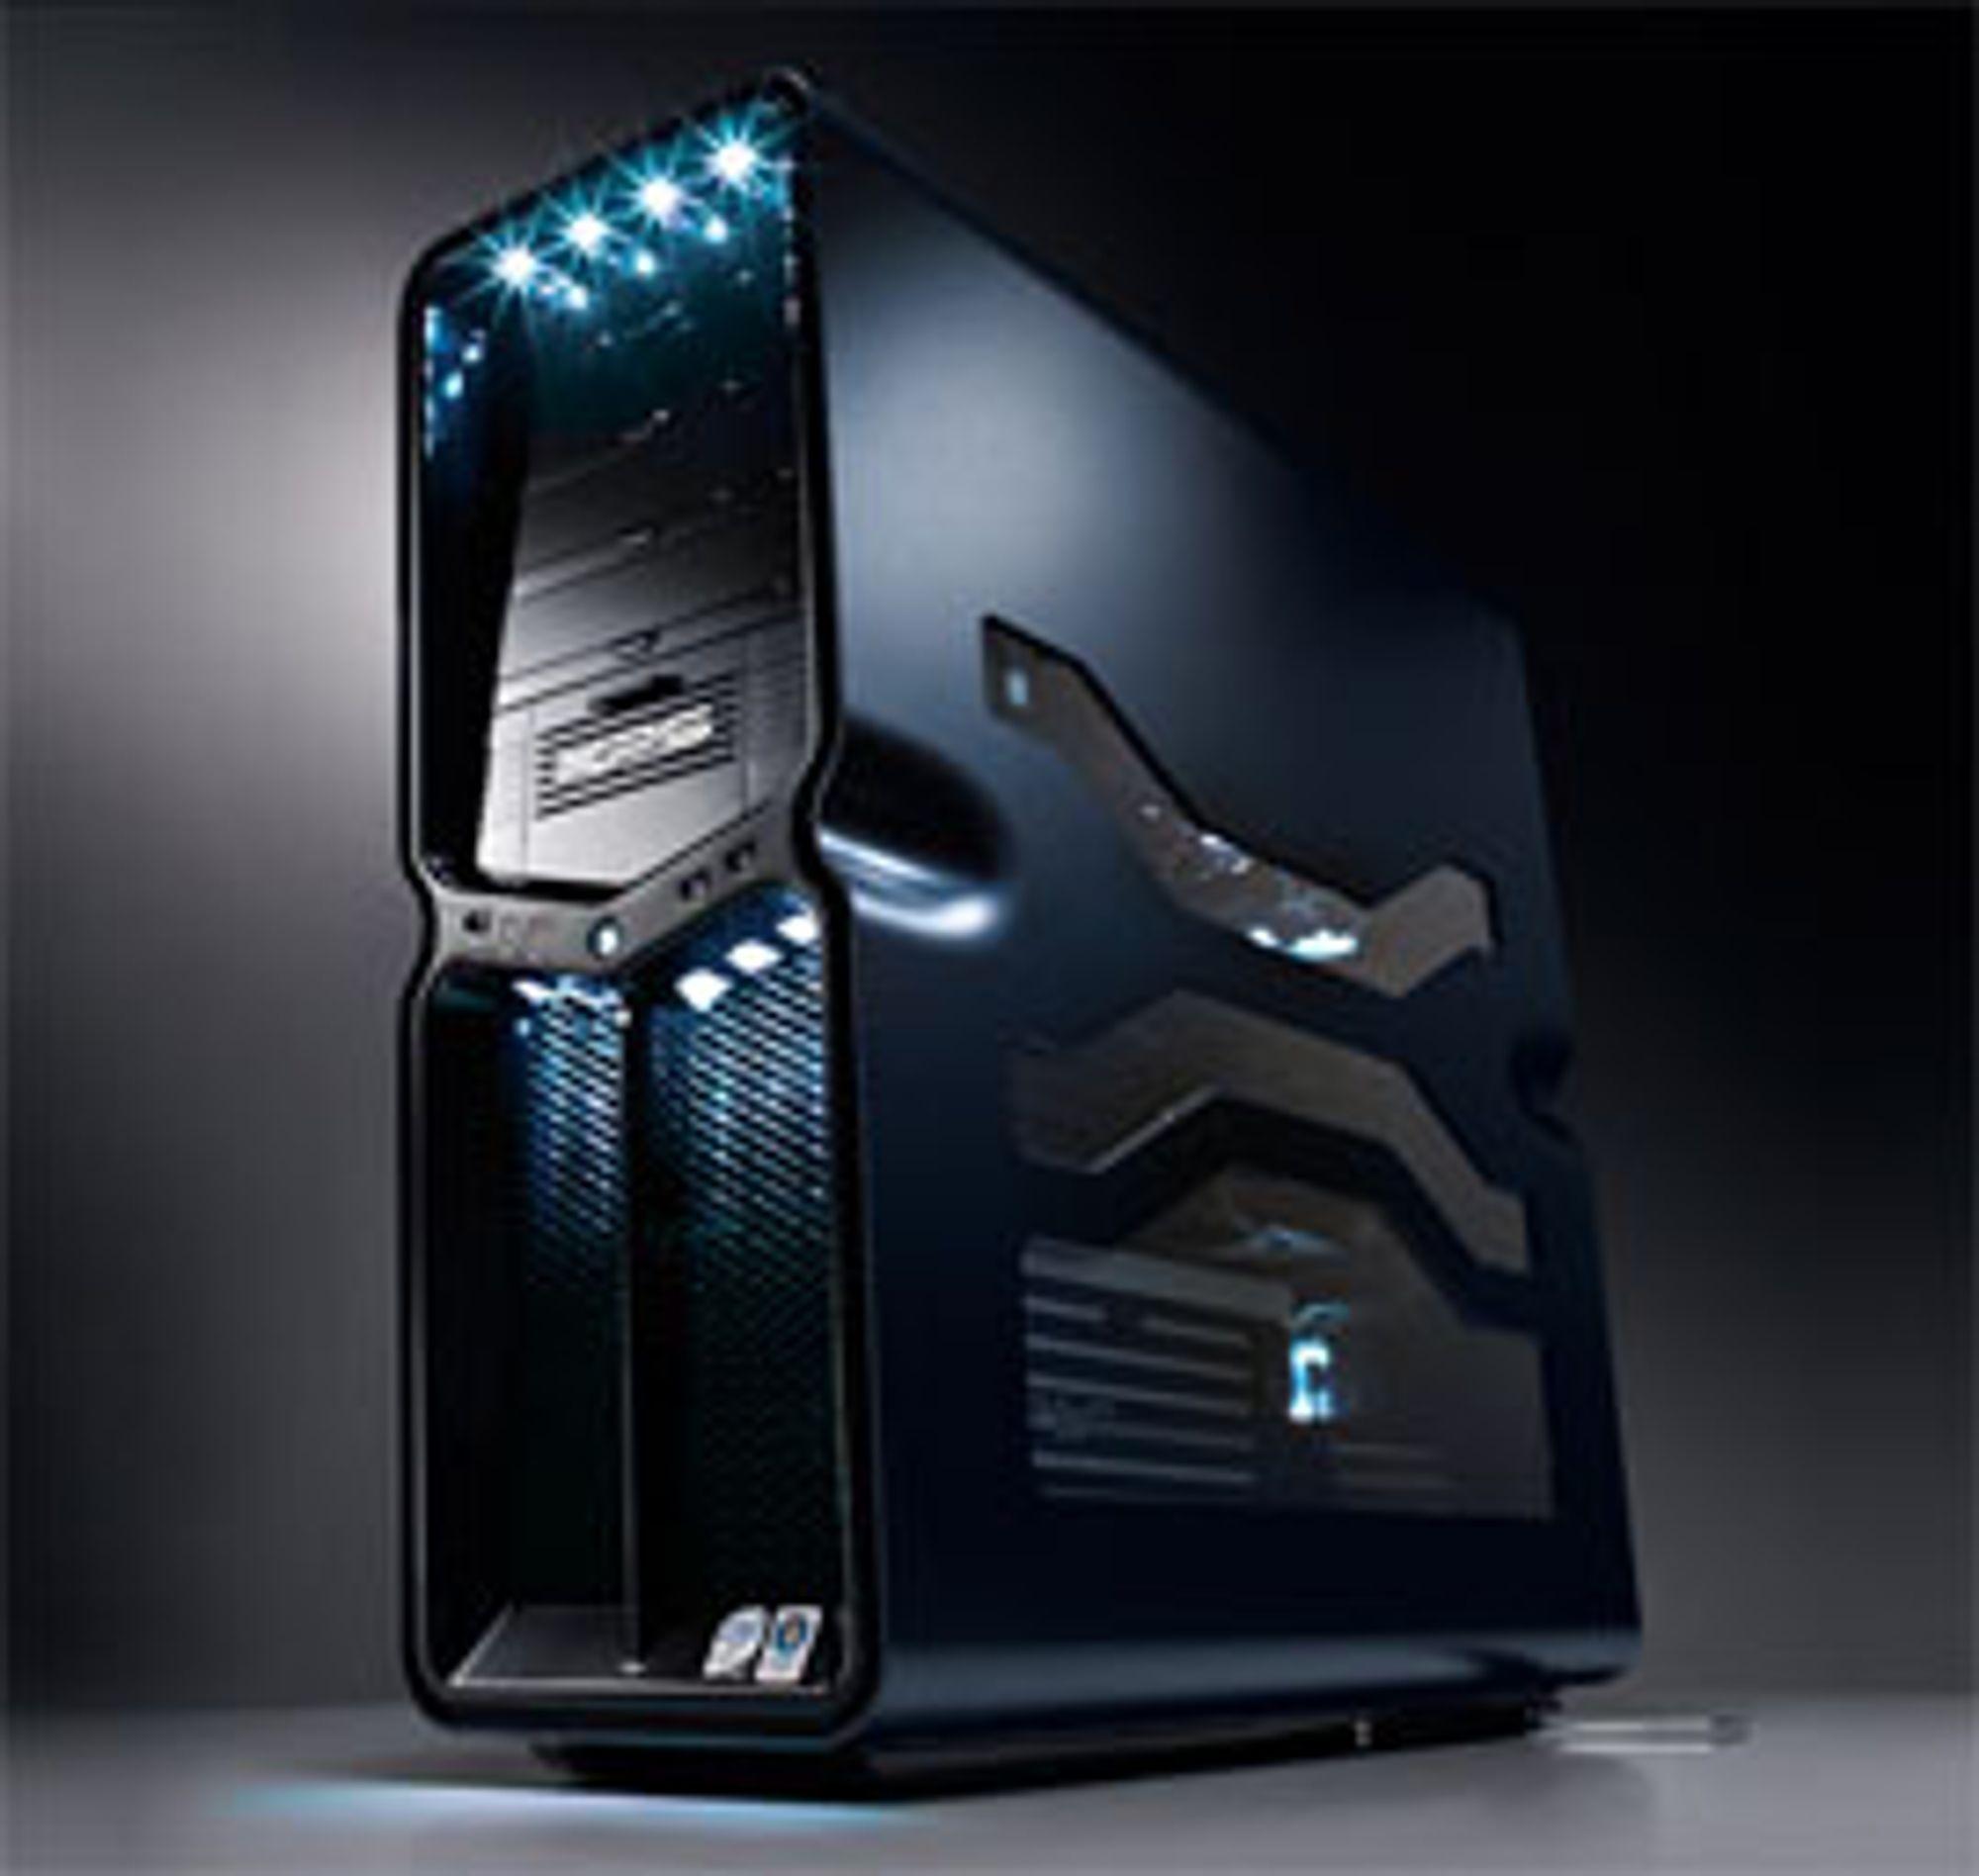 Den nye XPS-en fra Dell ser sinna ut!